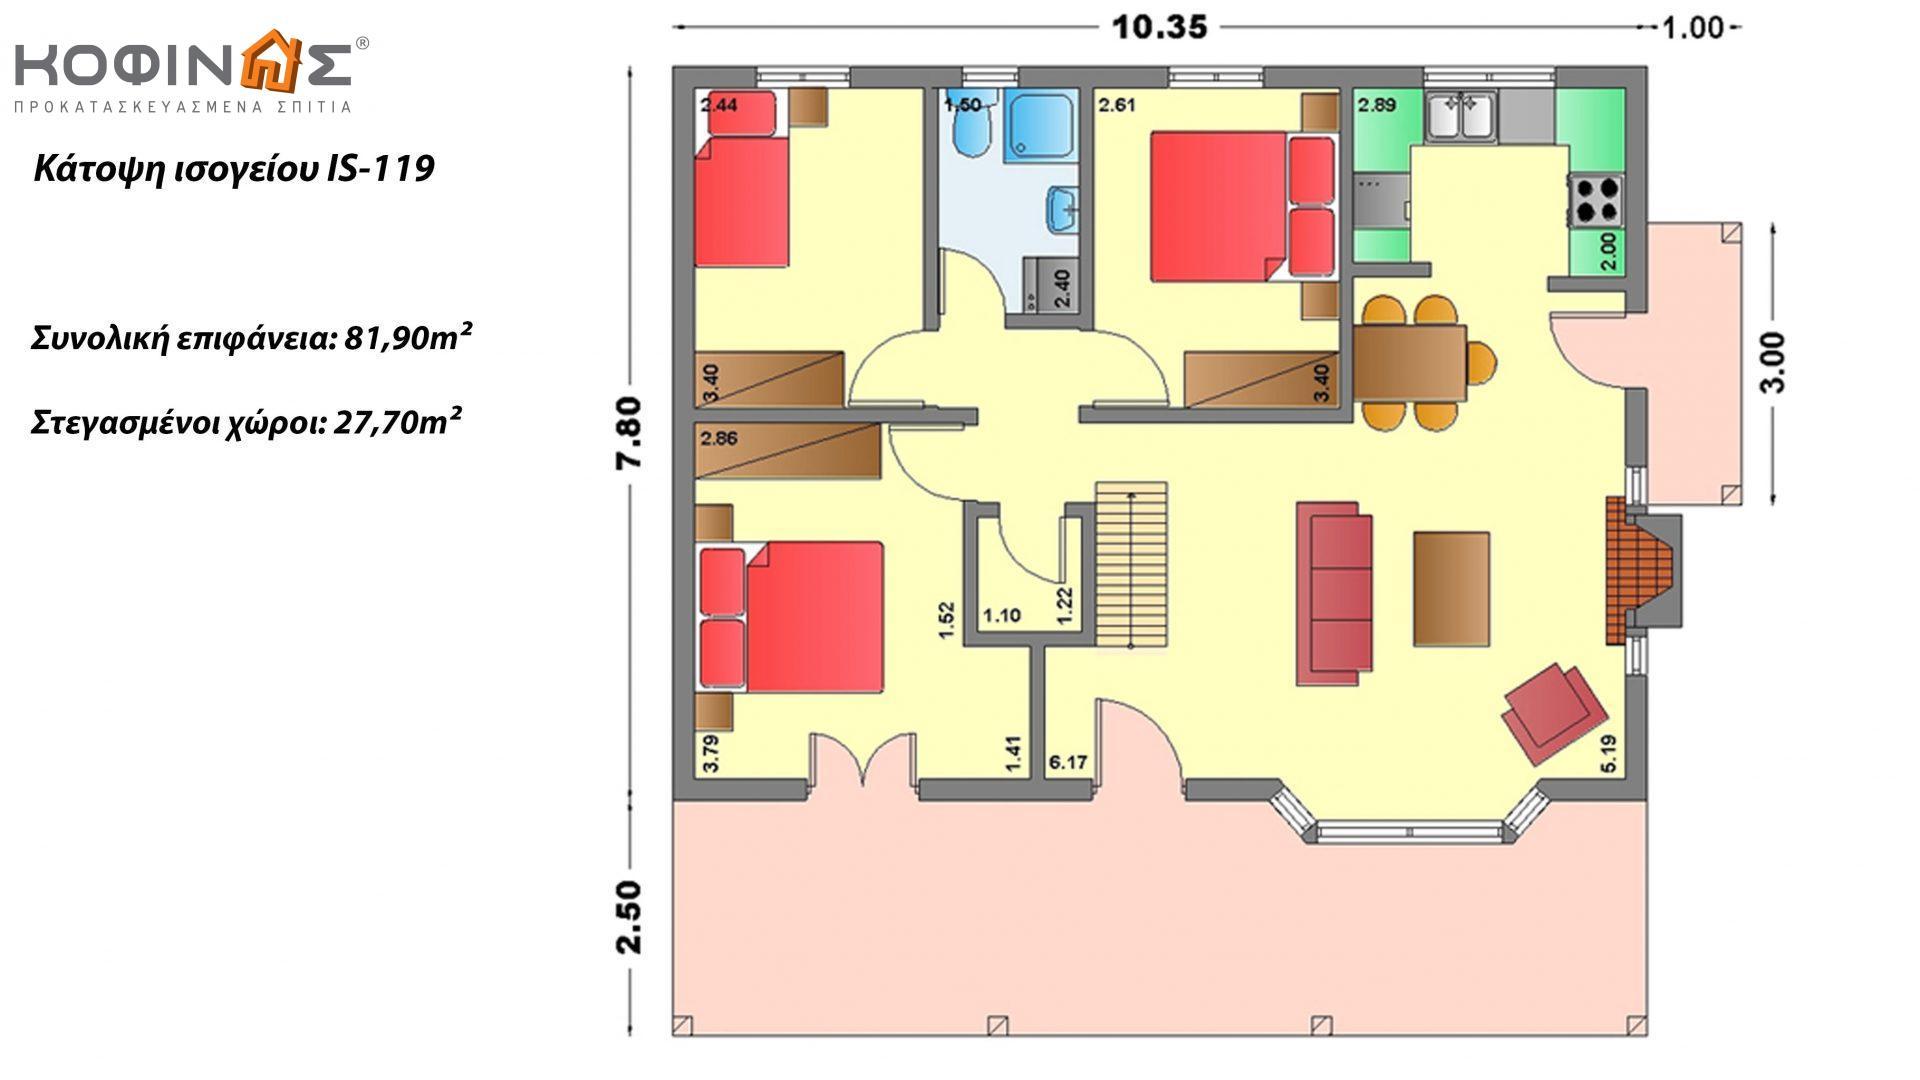 Ισόγεια Κατοικία με Σοφίτα IS-119, συνολικής επιφάνειας 119,70 τ.μ.